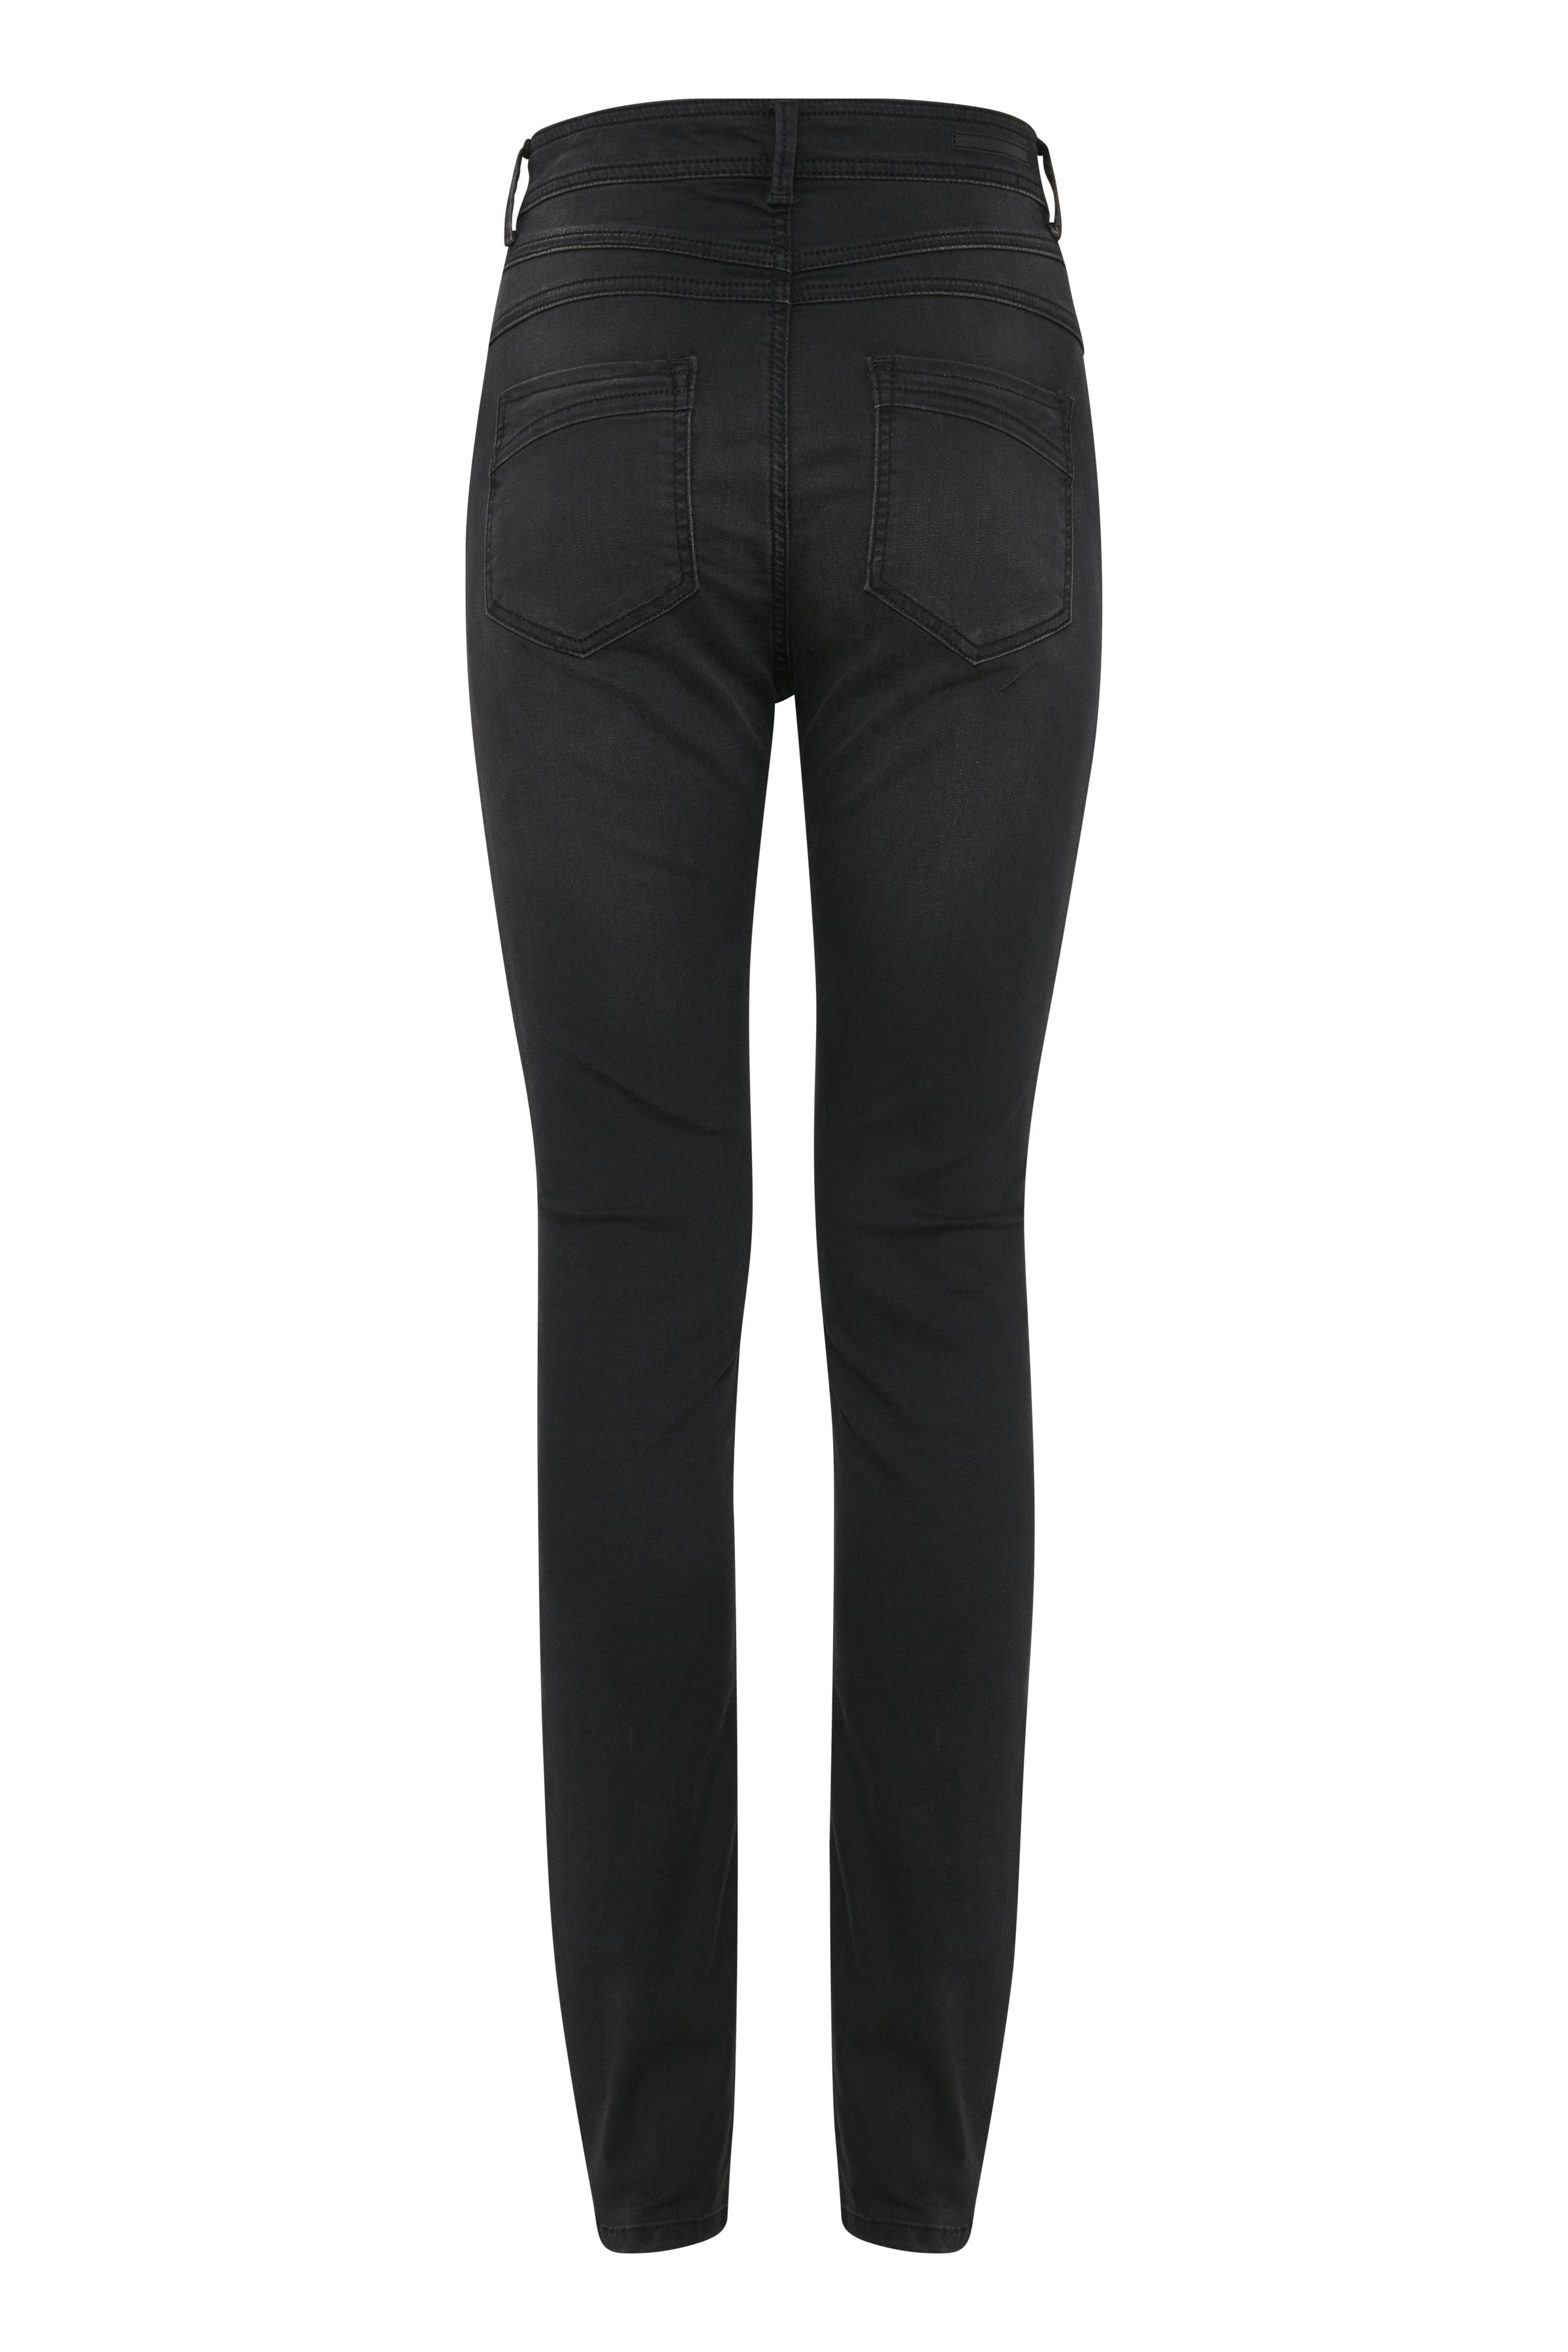 Black Denim Jeans fra b.young – Køb Black Denim Jeans fra str. 25-36 her